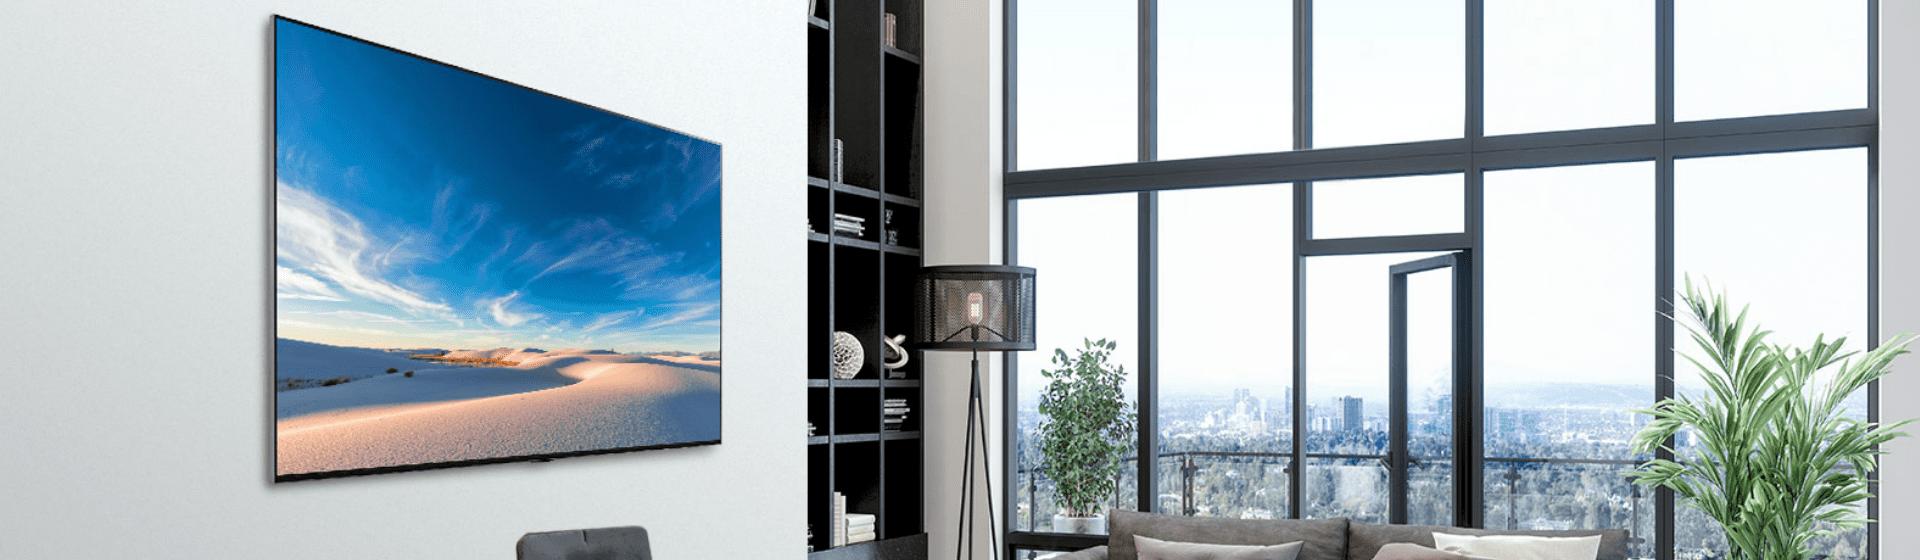 LG QNED: conheça a nova linha de smart TVs